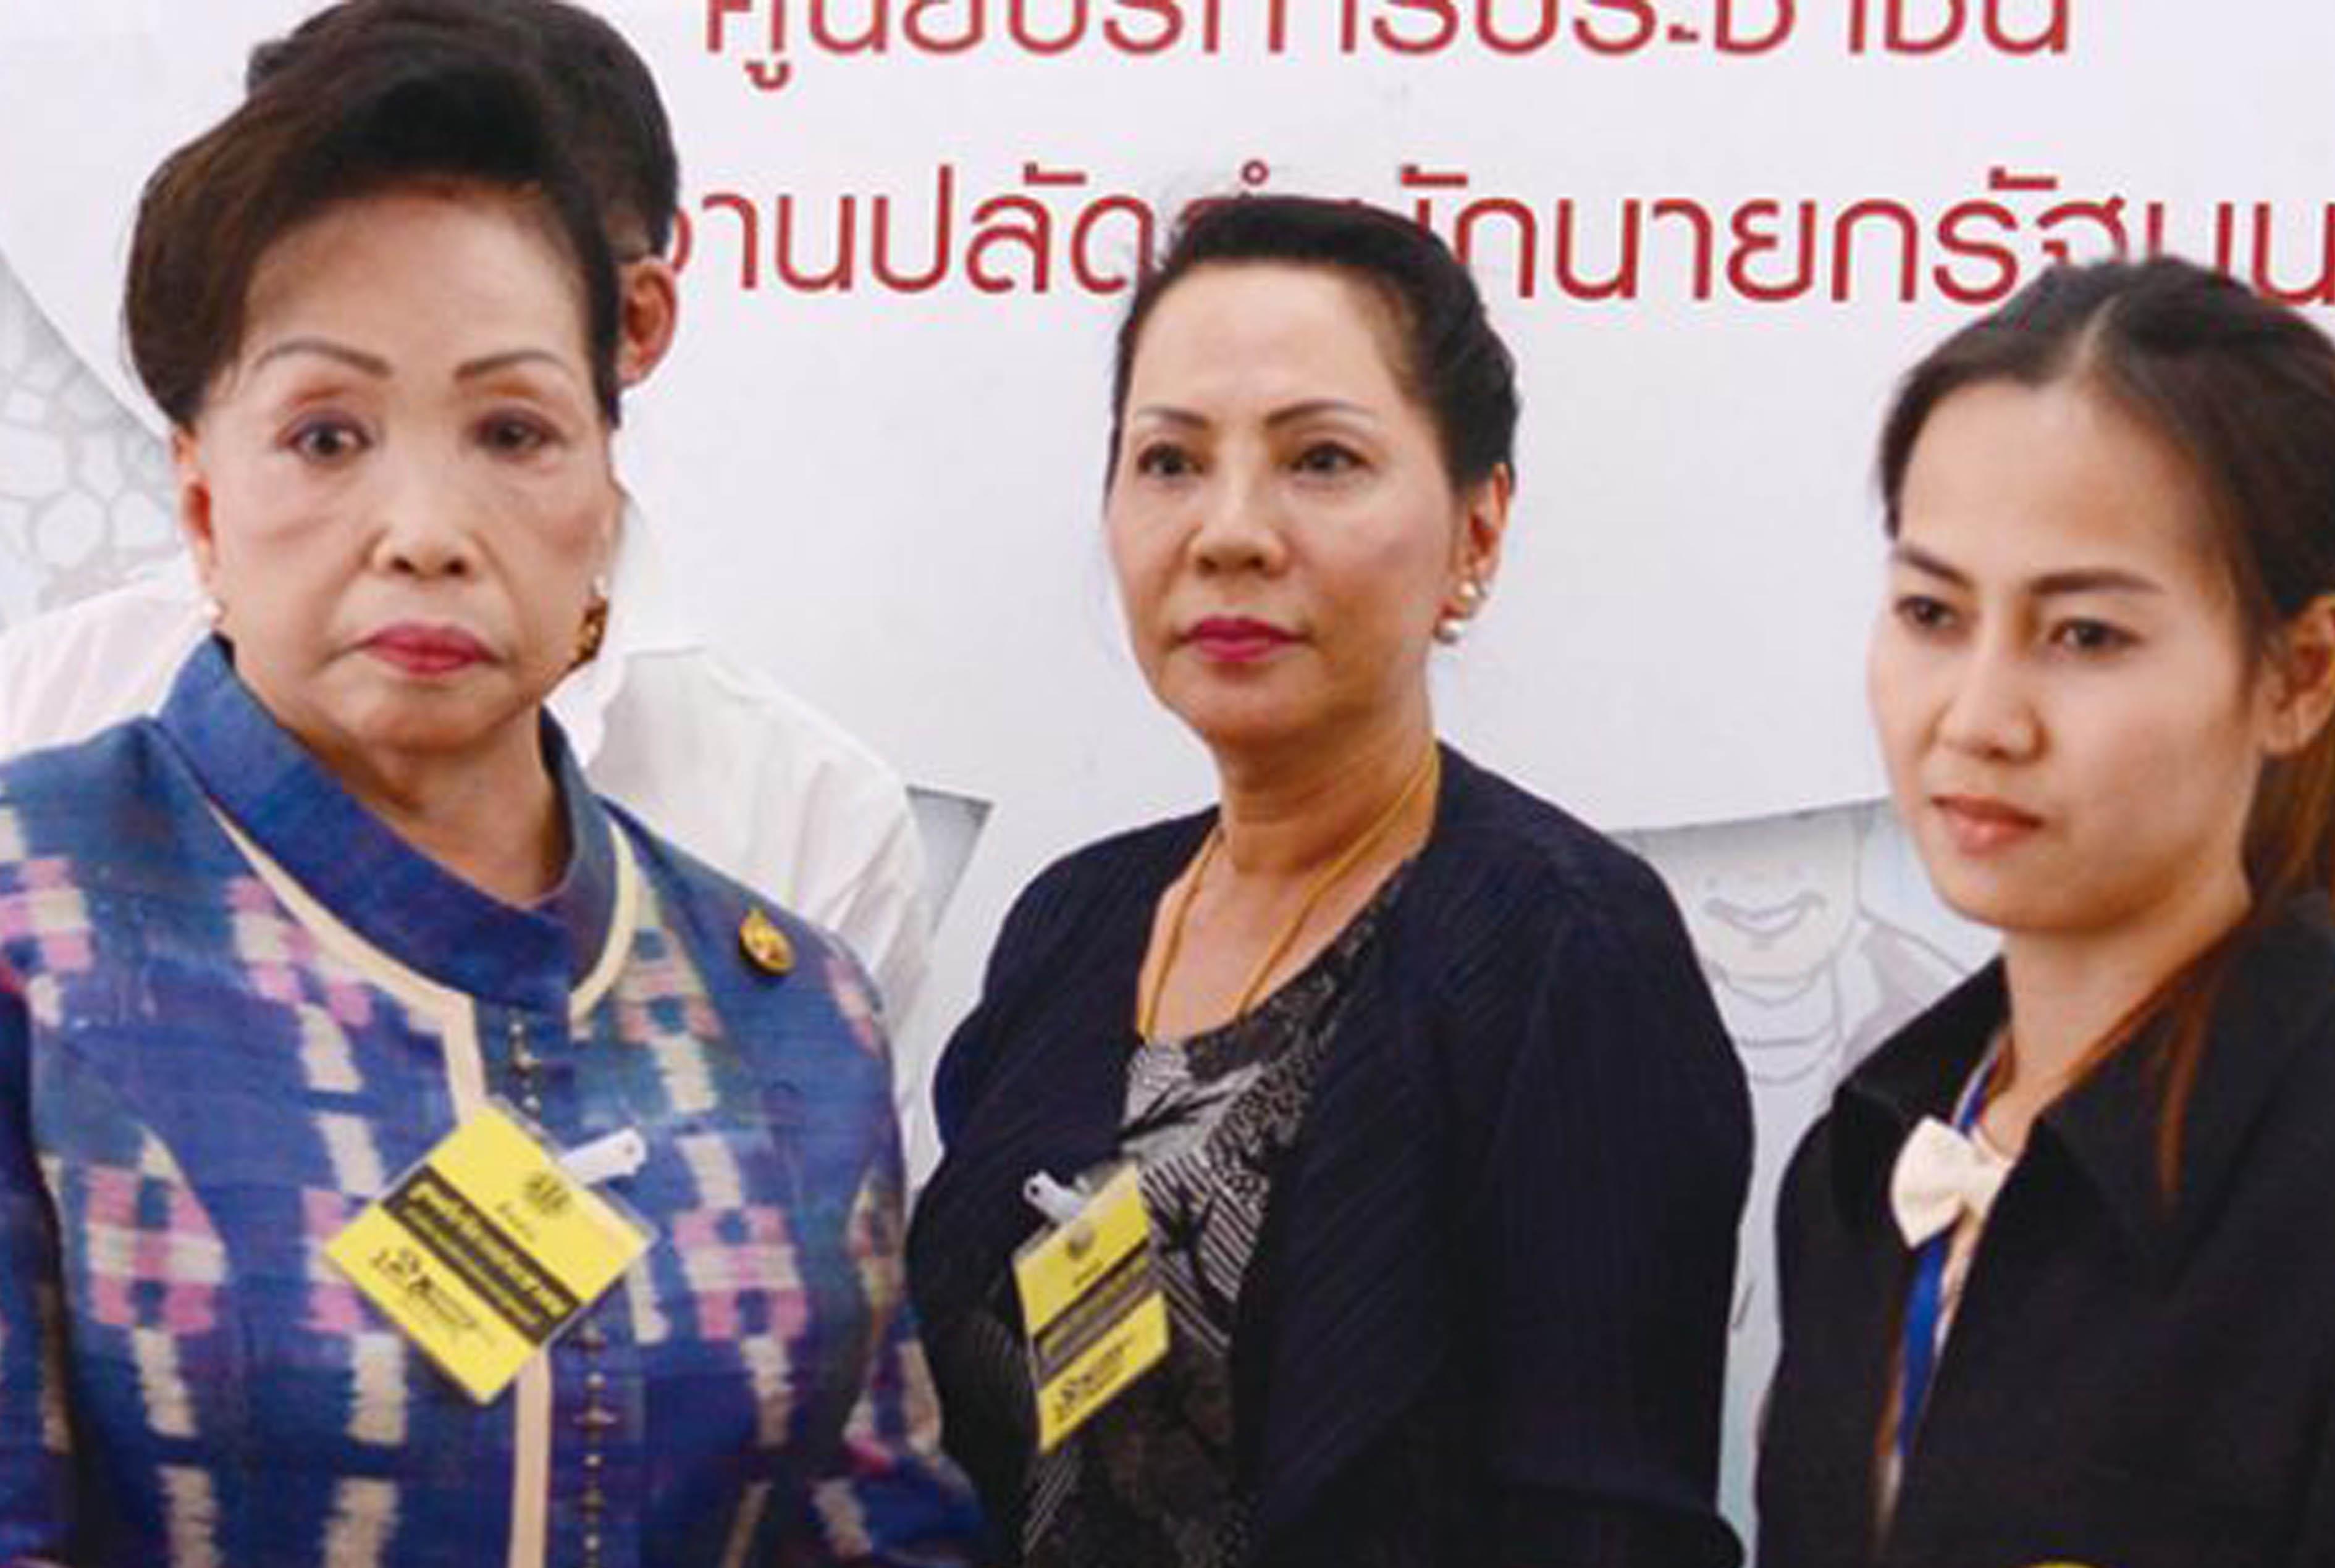 親子げんかで首相に直訴 - ワイズデジタル【タイで生活する人のための情報サイト】